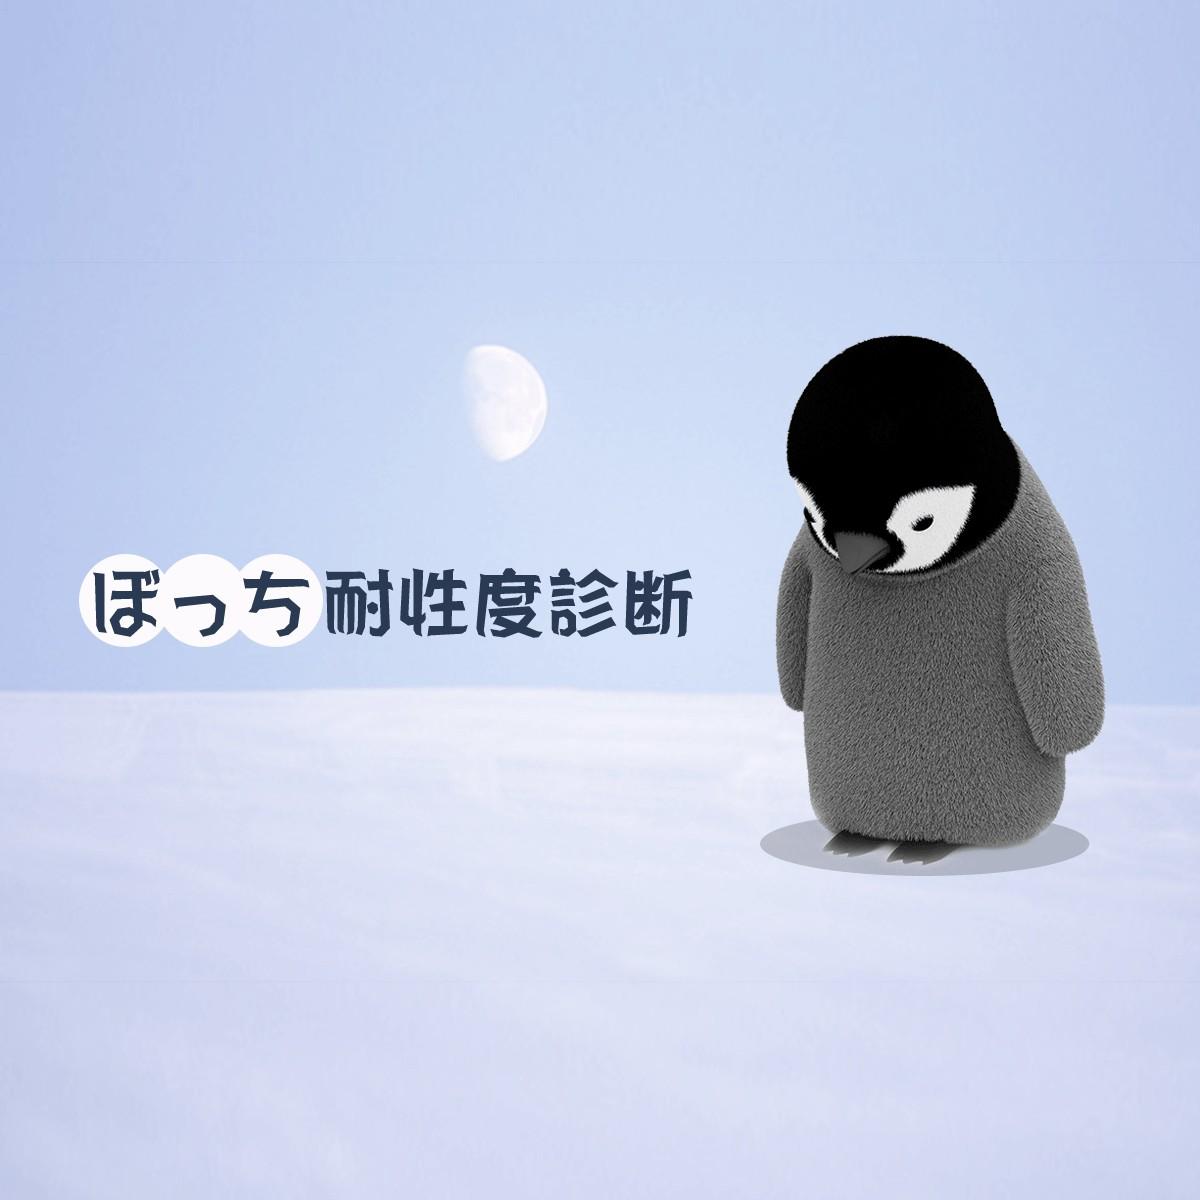 ぼっ ち 耐性 診断 ぼっち診断・あなたの孤独へのぼっち耐性度を診断